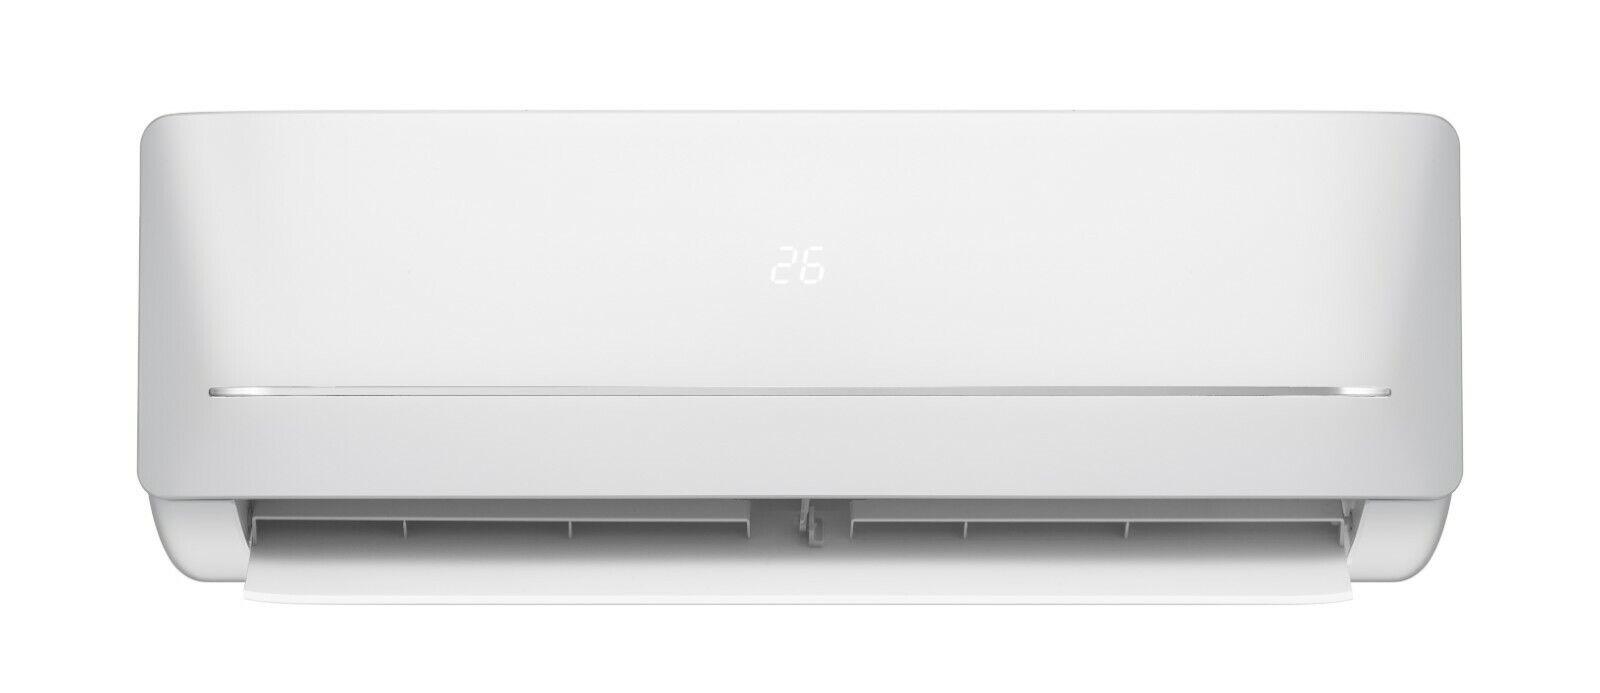 18000 BTU Ductless Mini-Split Air Conditioner Heat Pump 19 S